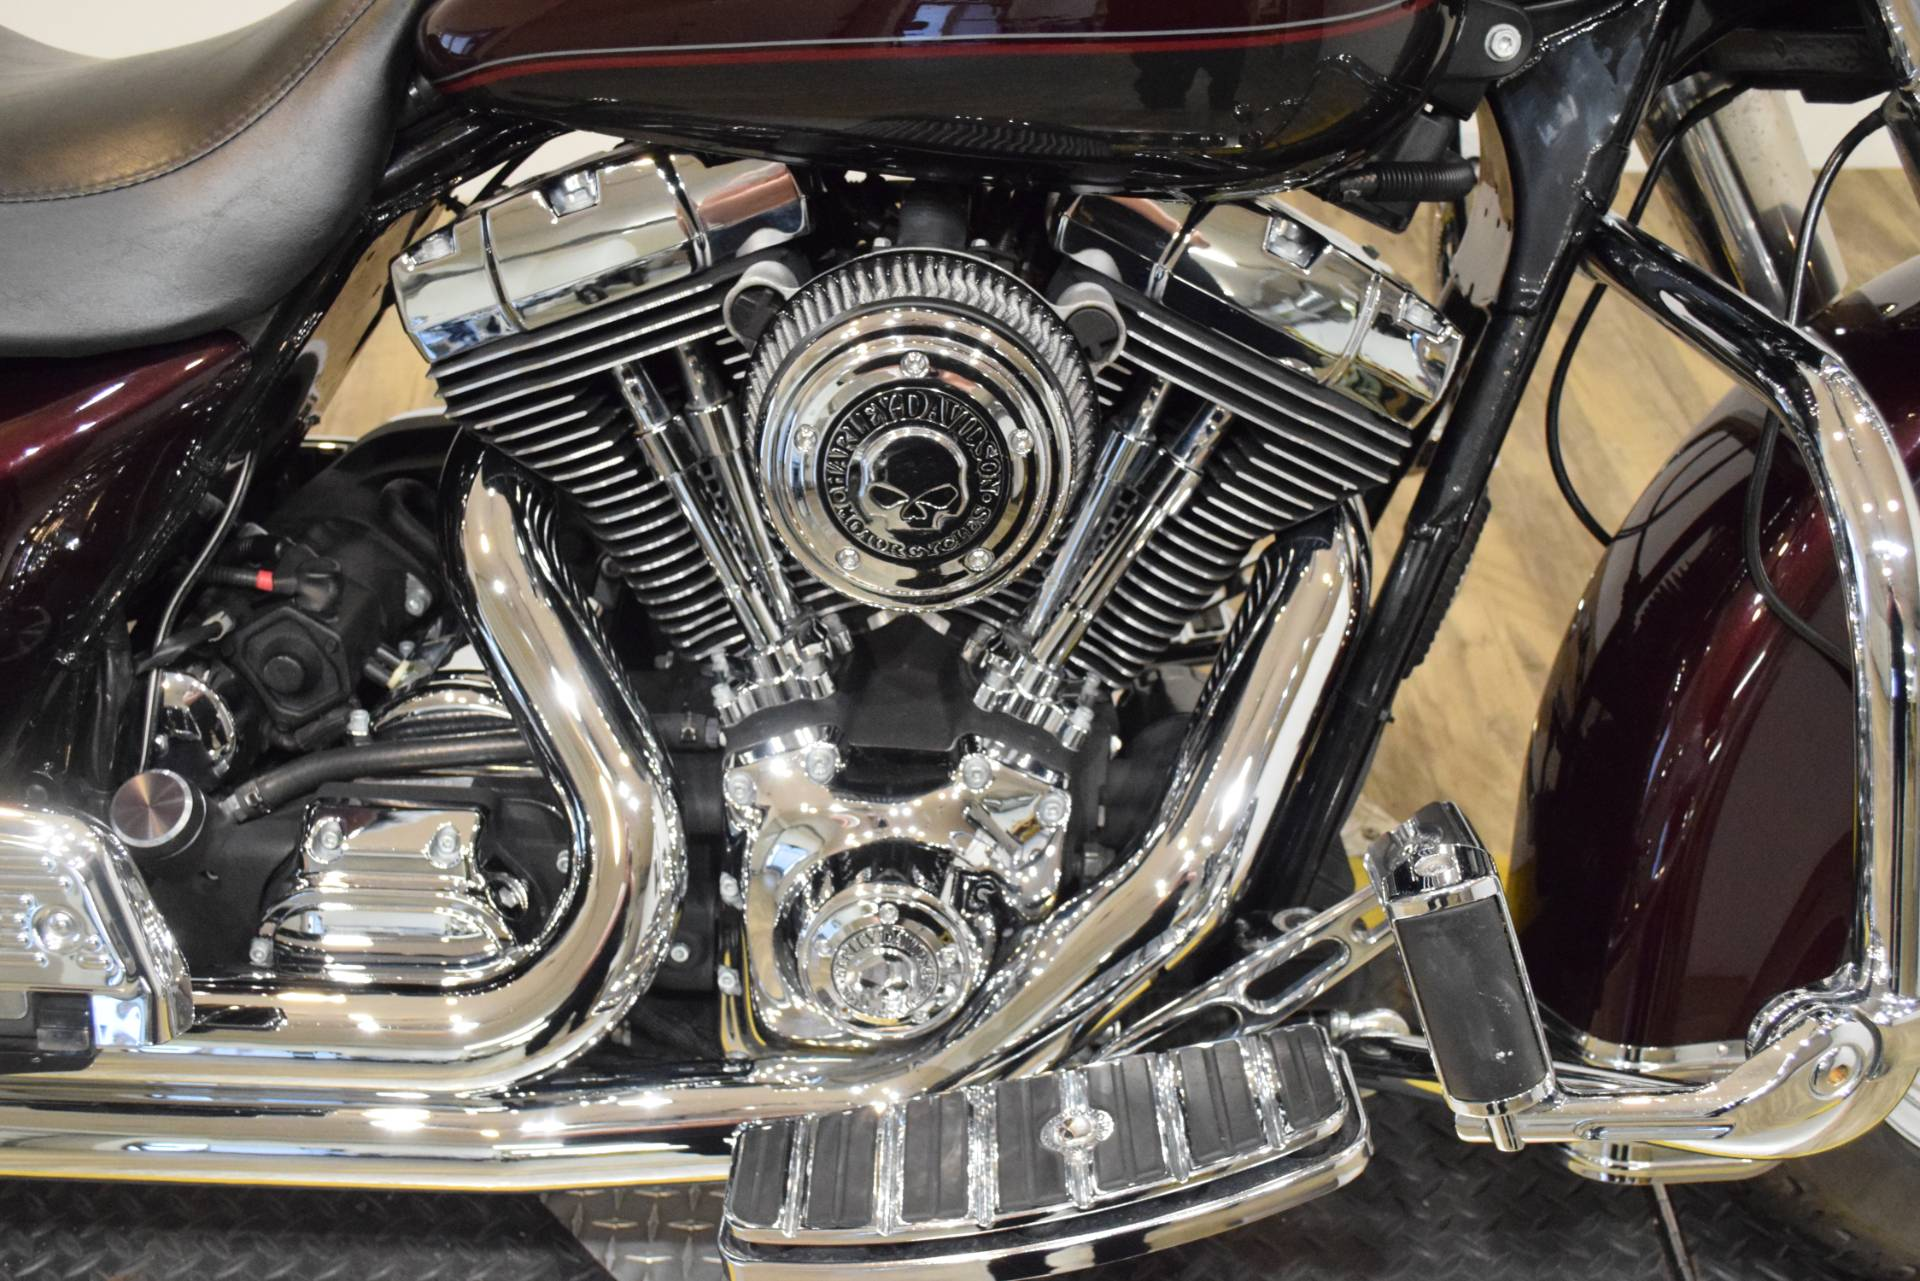 2005 Harley-Davidson FLHRS/FLHRSI Road King Custom 4